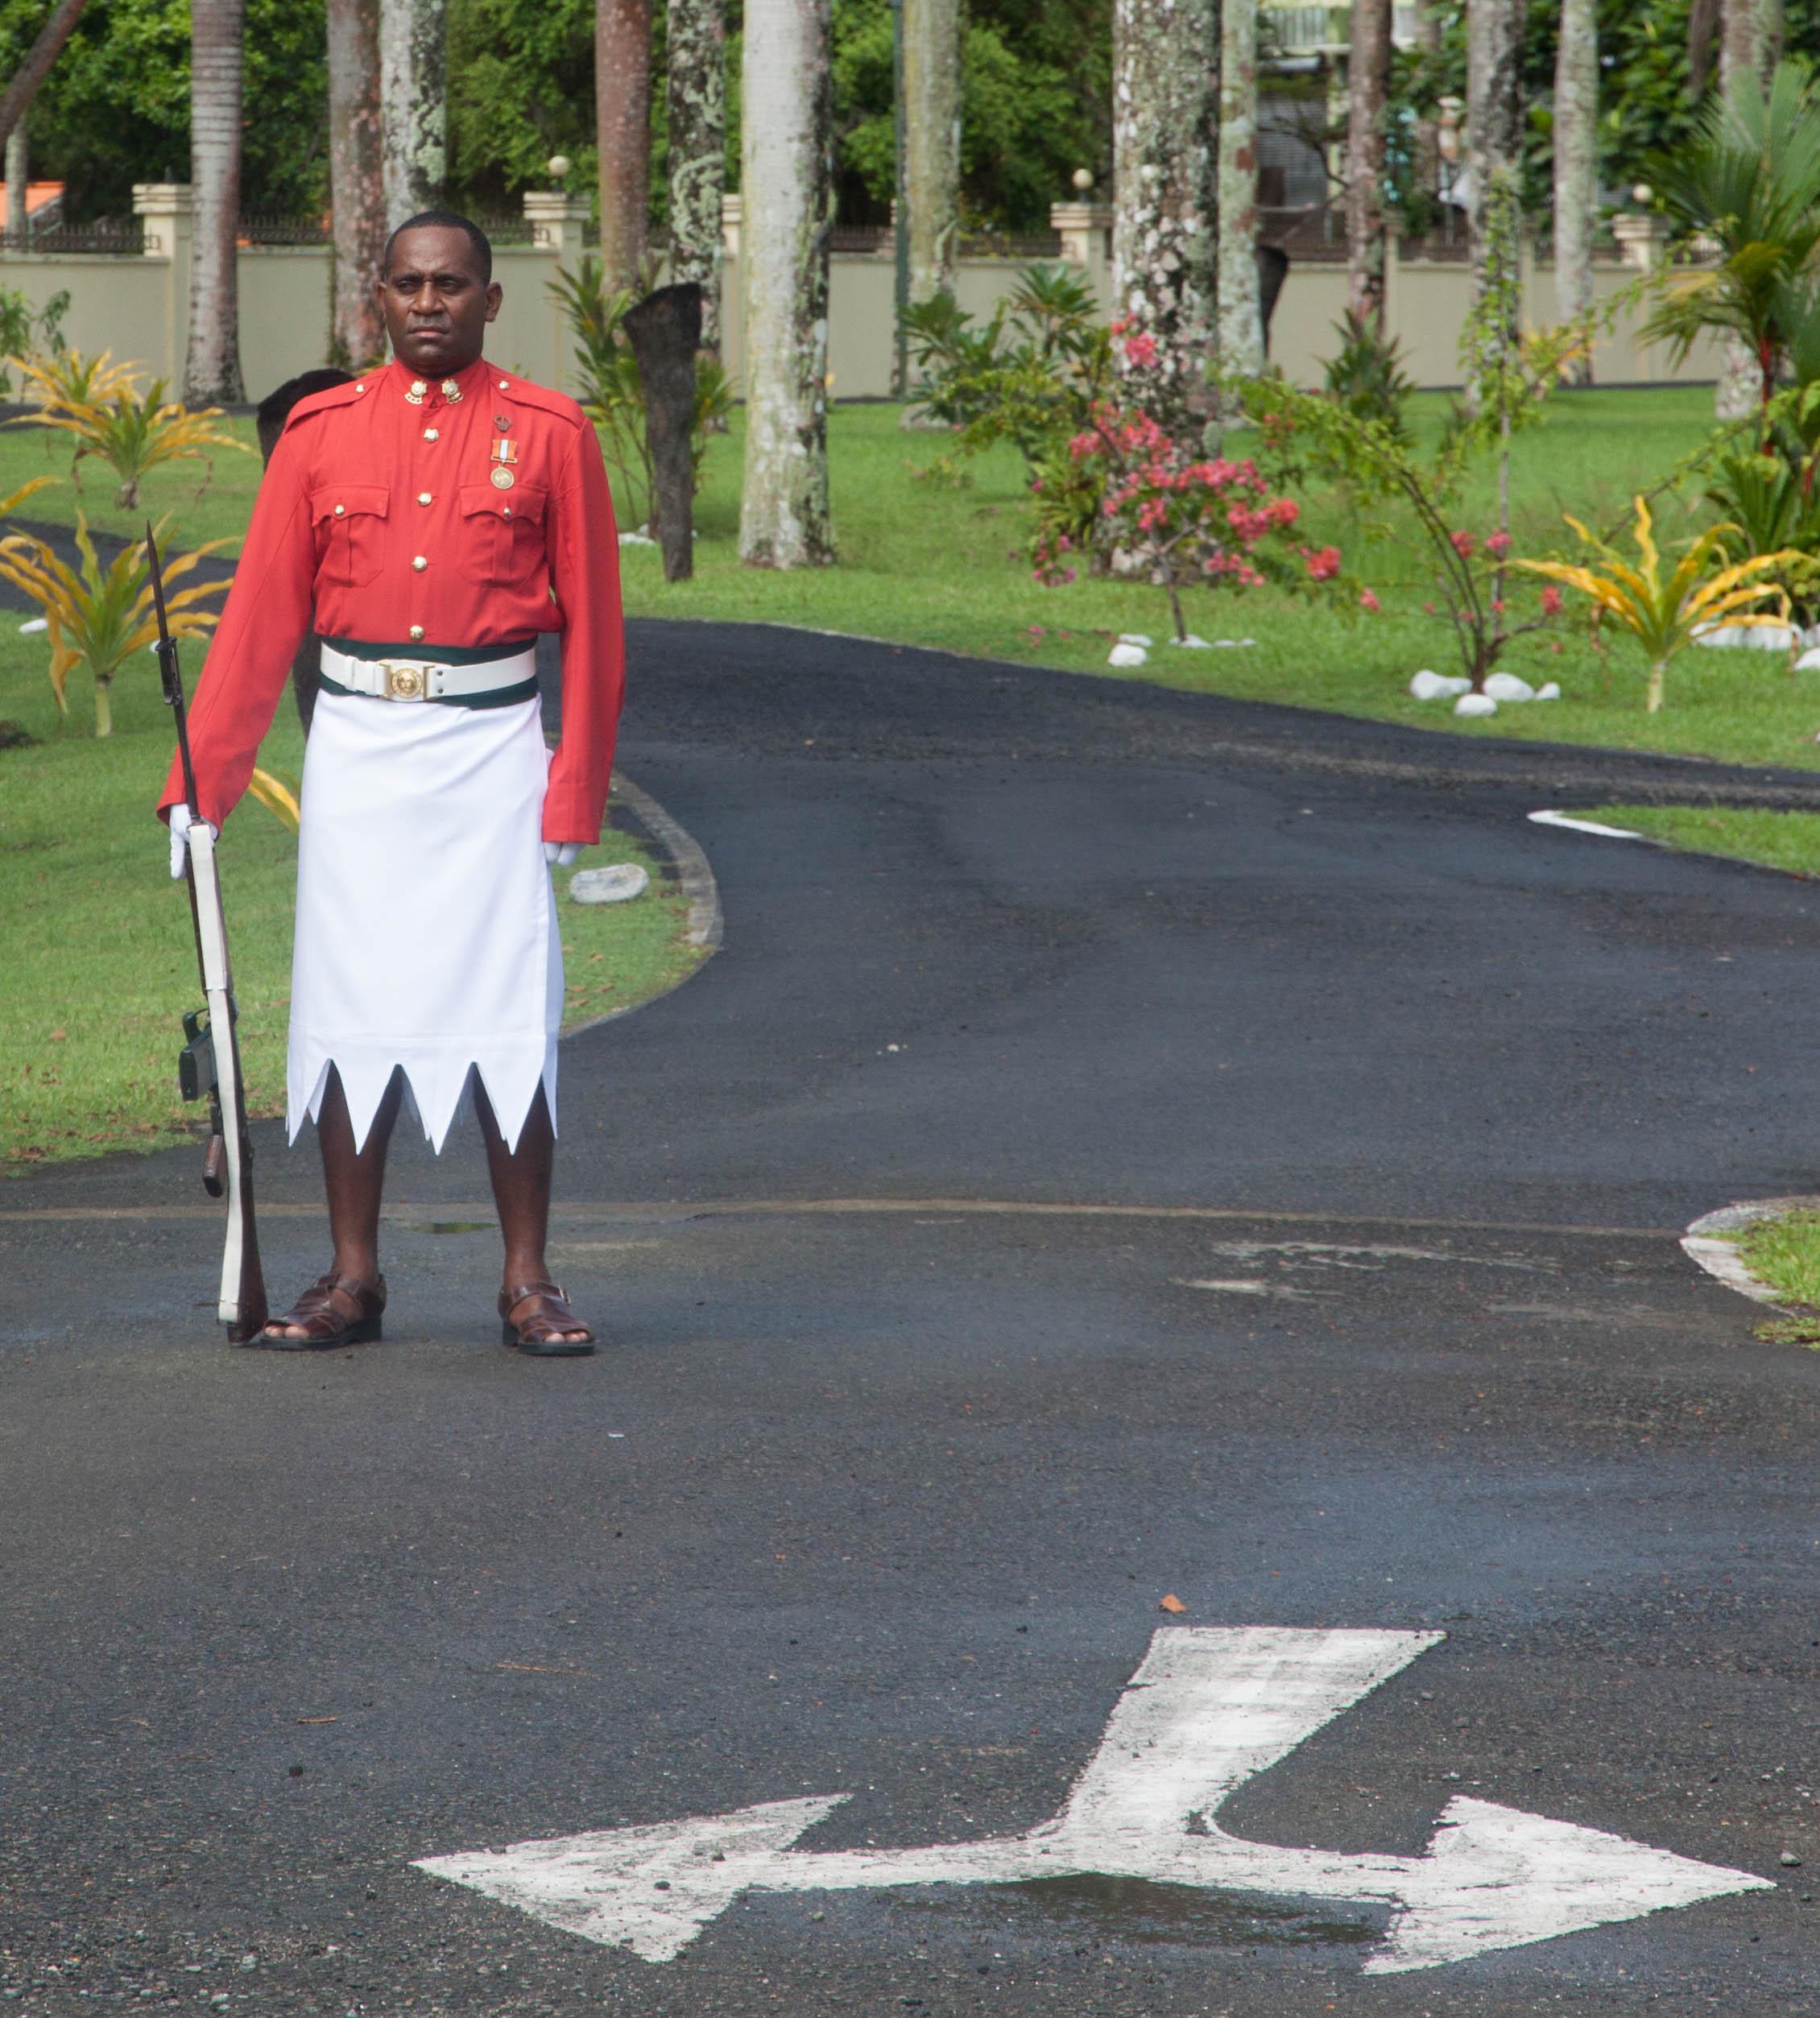 Auch in der Wache vor dem Präsidentenpalast mischen sich britische und fidschianische Einflüsse.